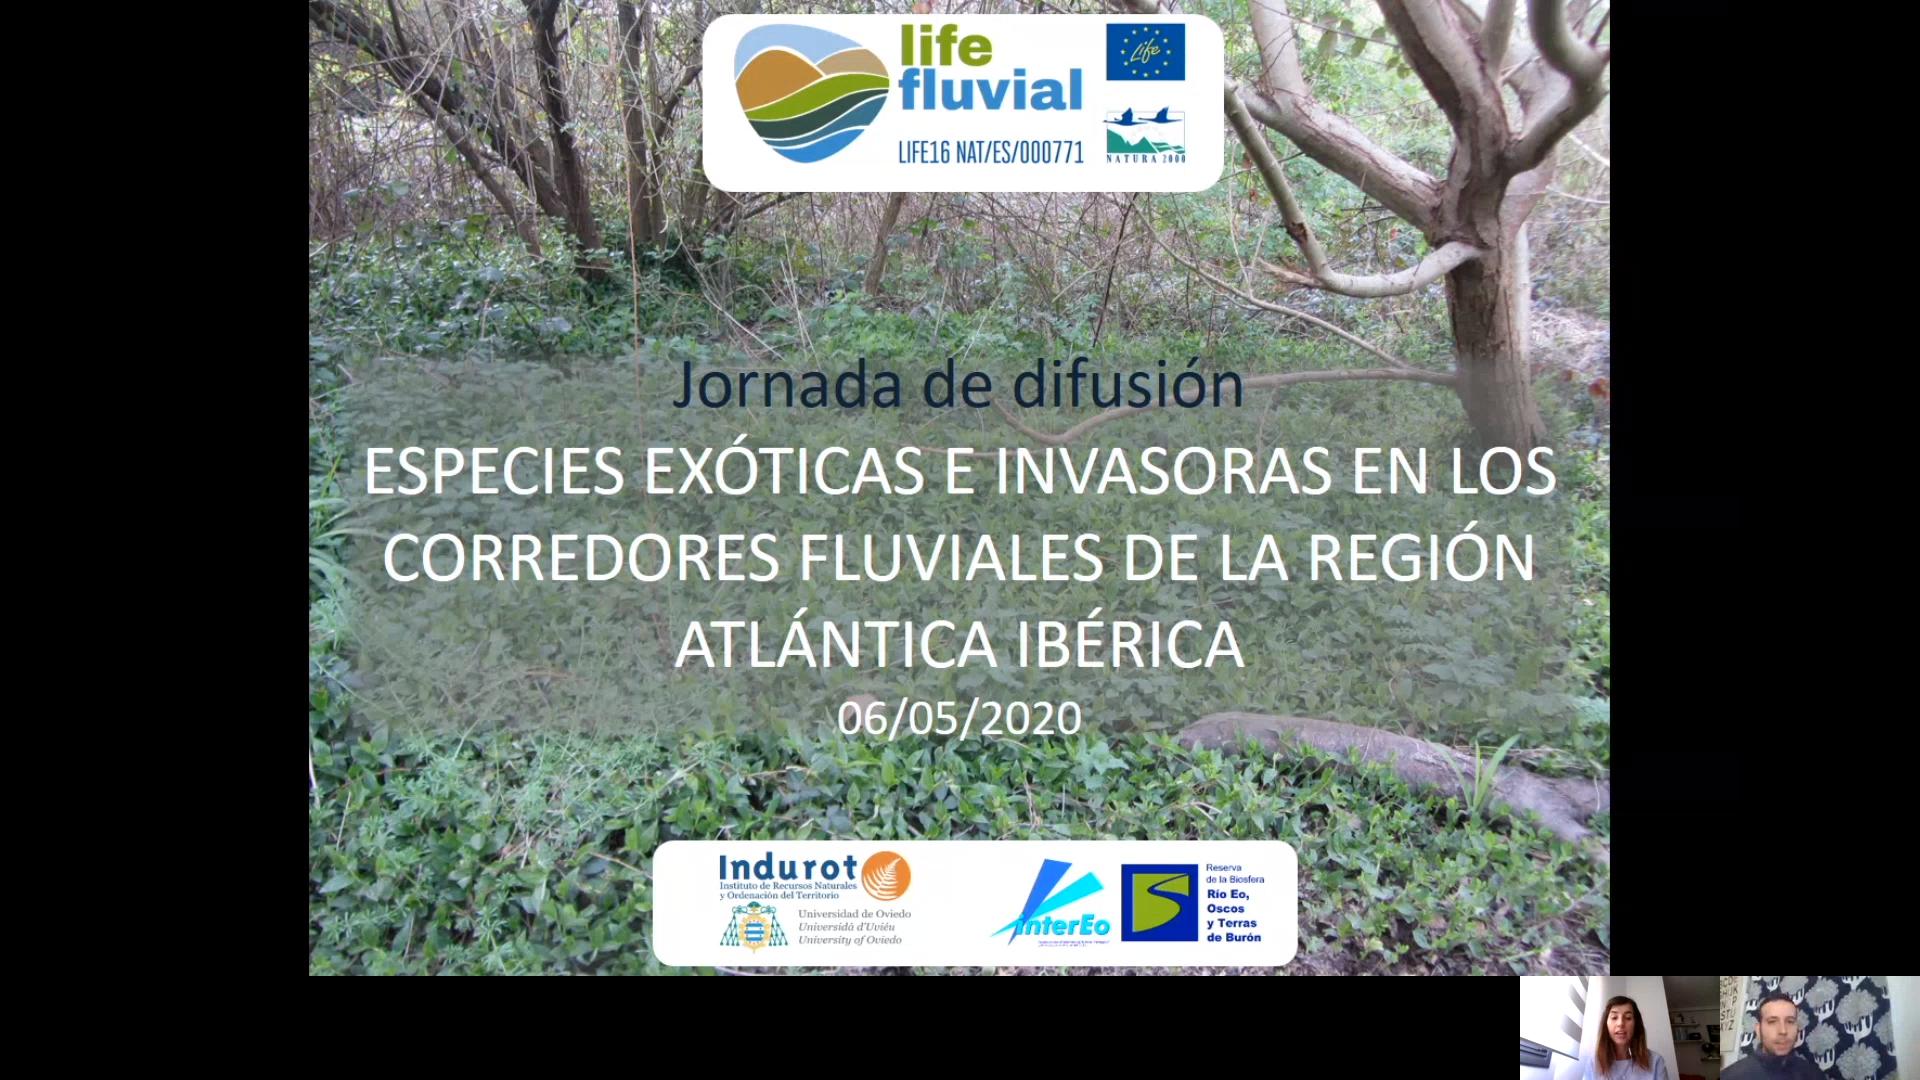 SEMINARIO WEB: LAS ESPECIES EXÓTICAS INVASORAS EN LOS CORREDORES FLUVIALES DE LA REGIÓN ATLÁNTICA IBÉRICA.